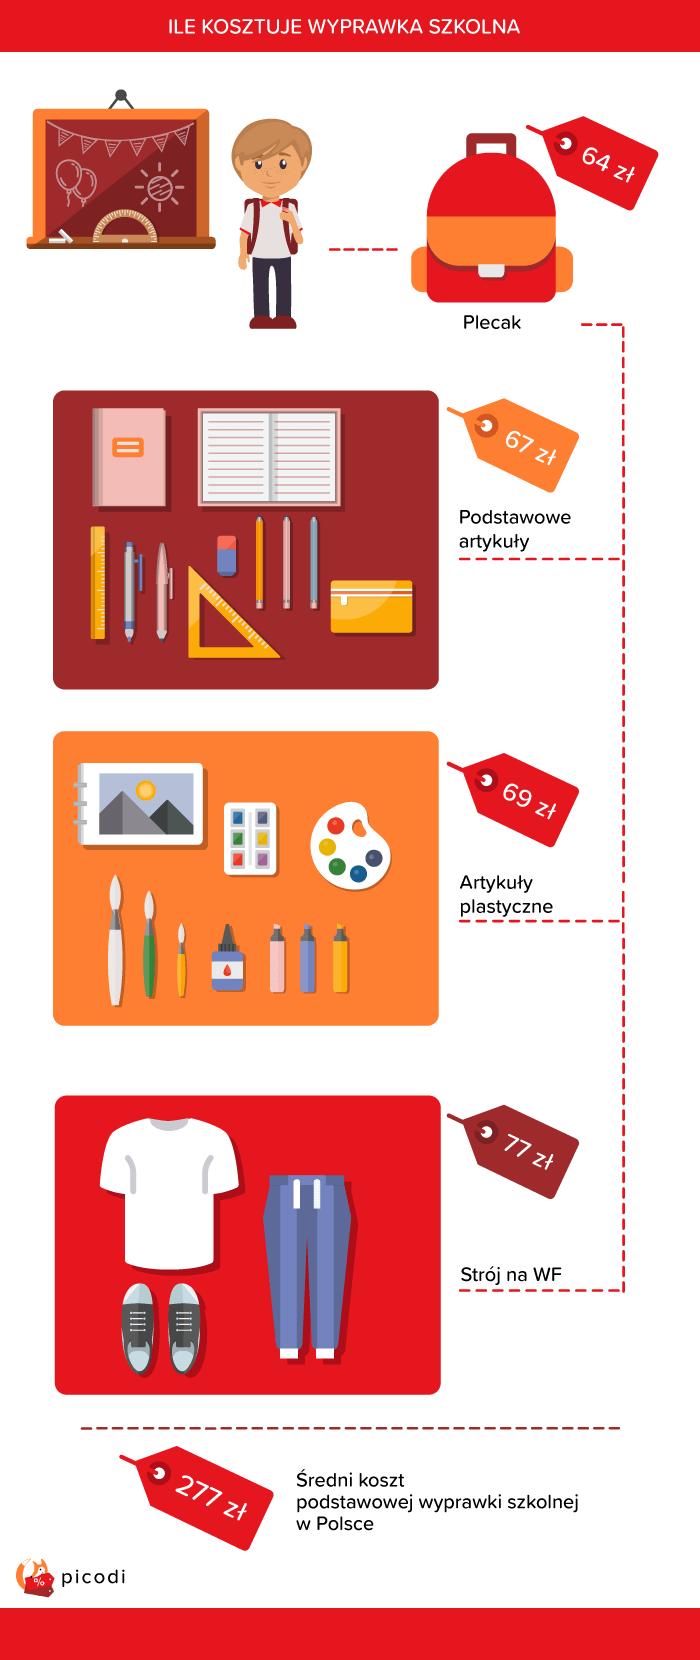 Ile kosztuje wyprawka szkolna